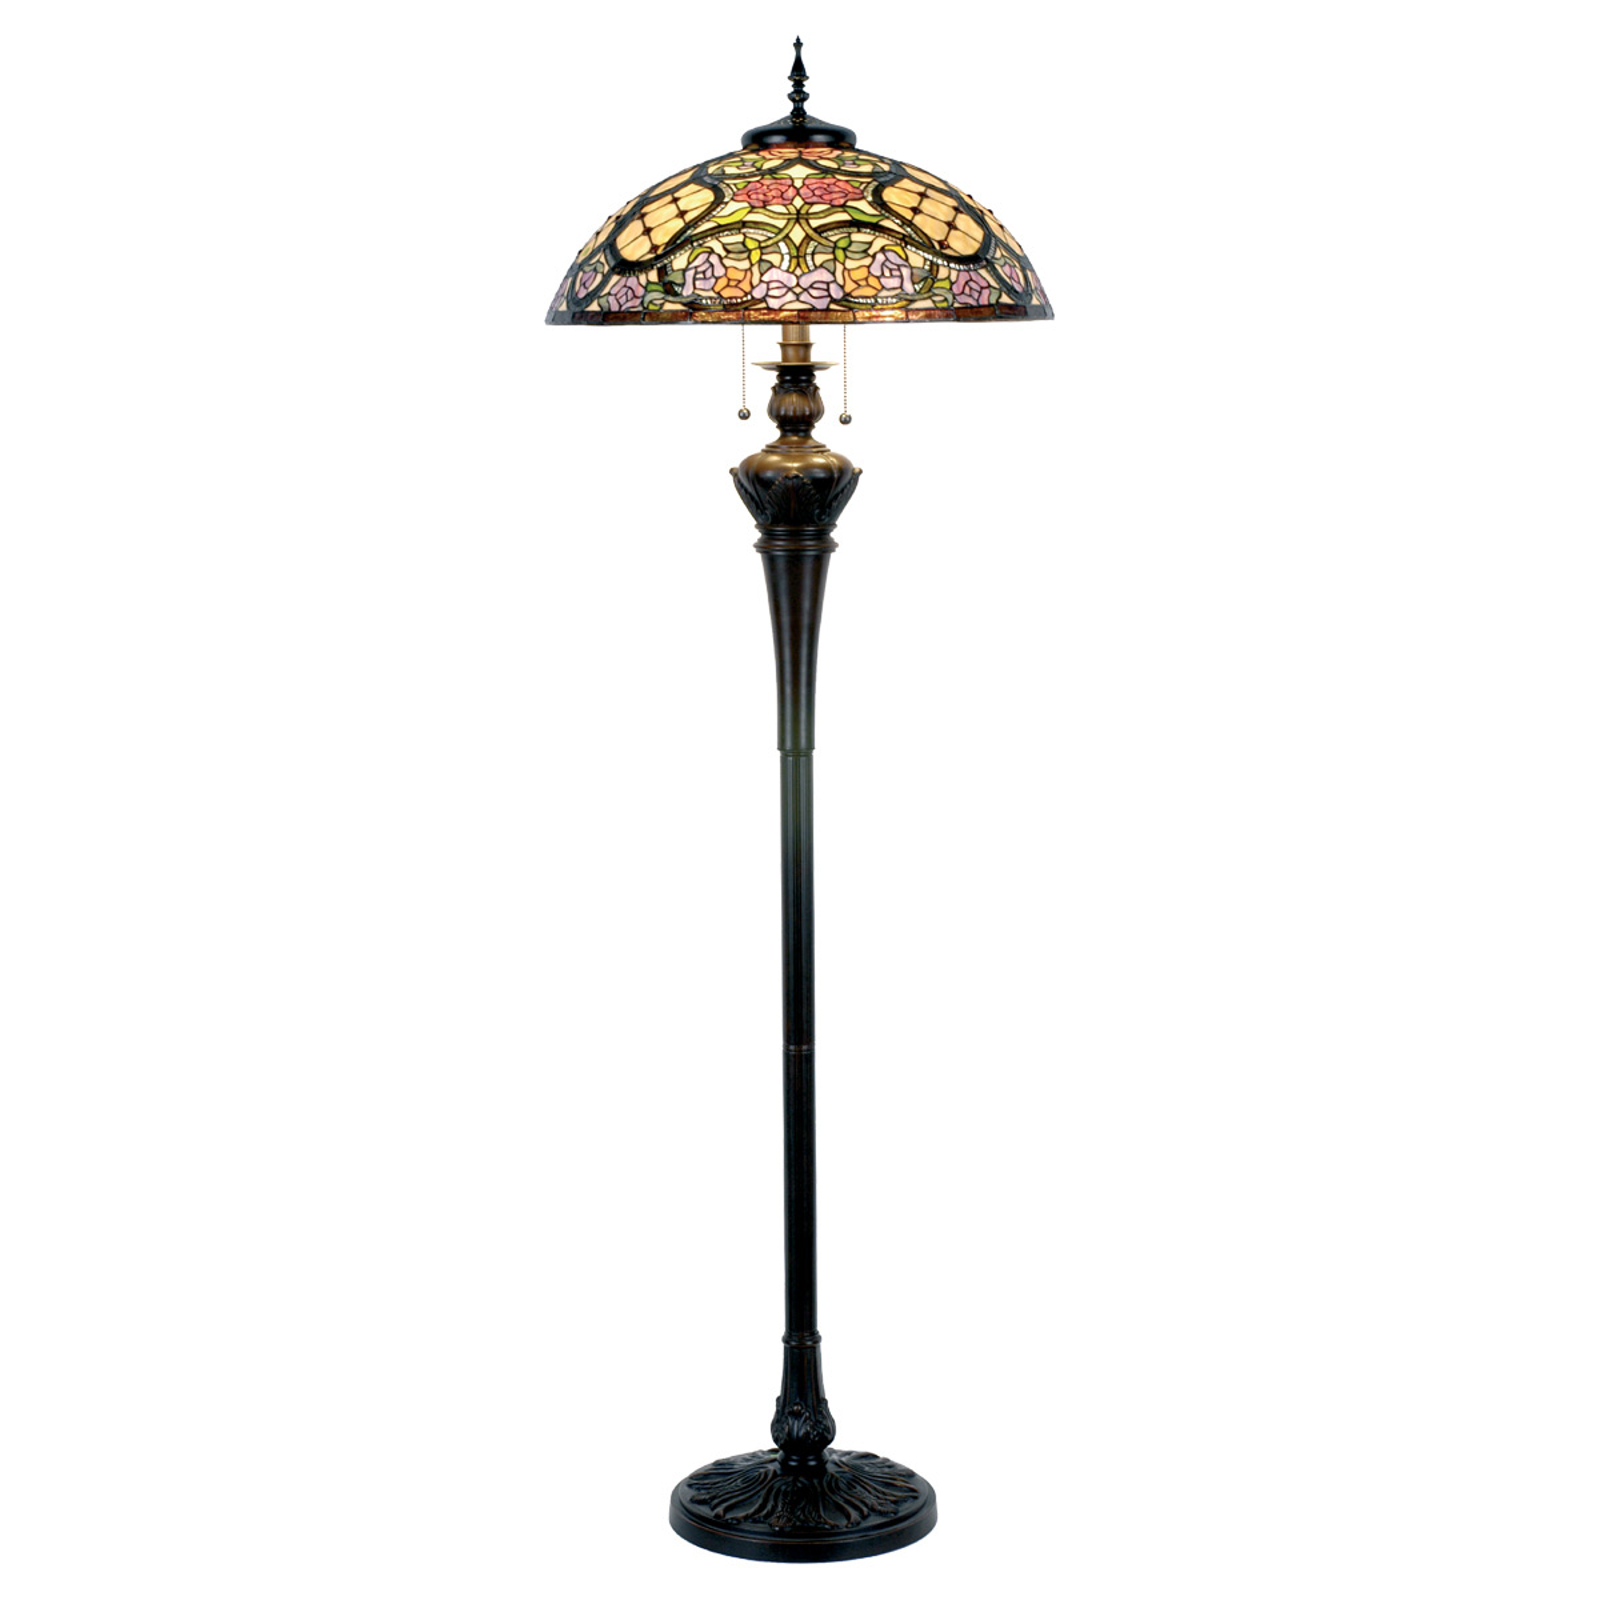 Rosaly lampa stojąca w stylu Tiffany